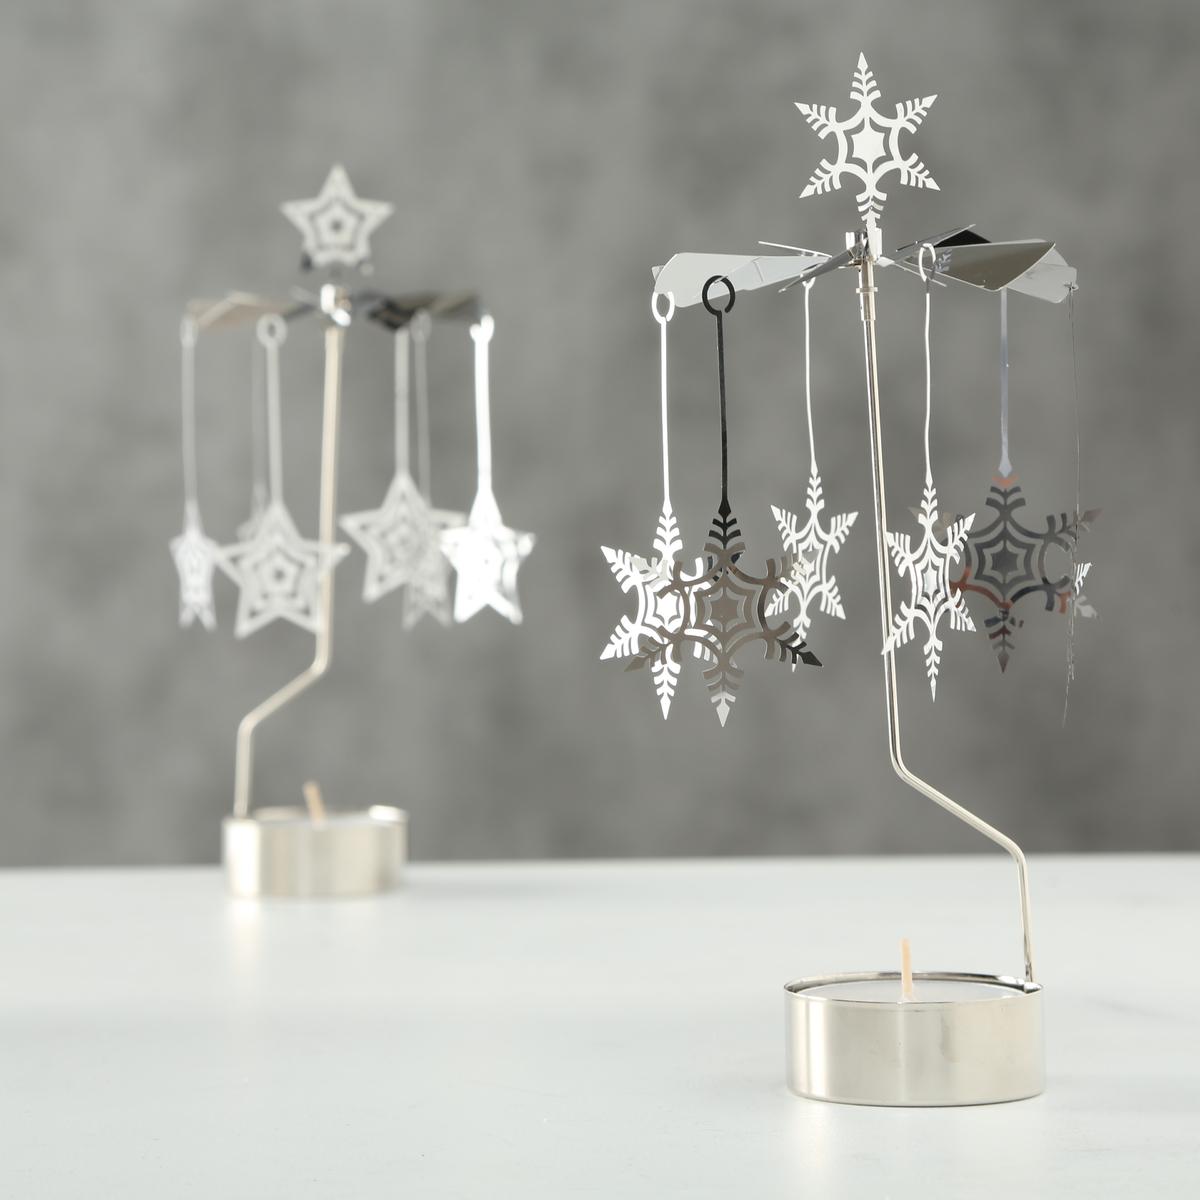 Zvonkohra - Vločky/hvězdičky hvězdičky Design zvonkohry